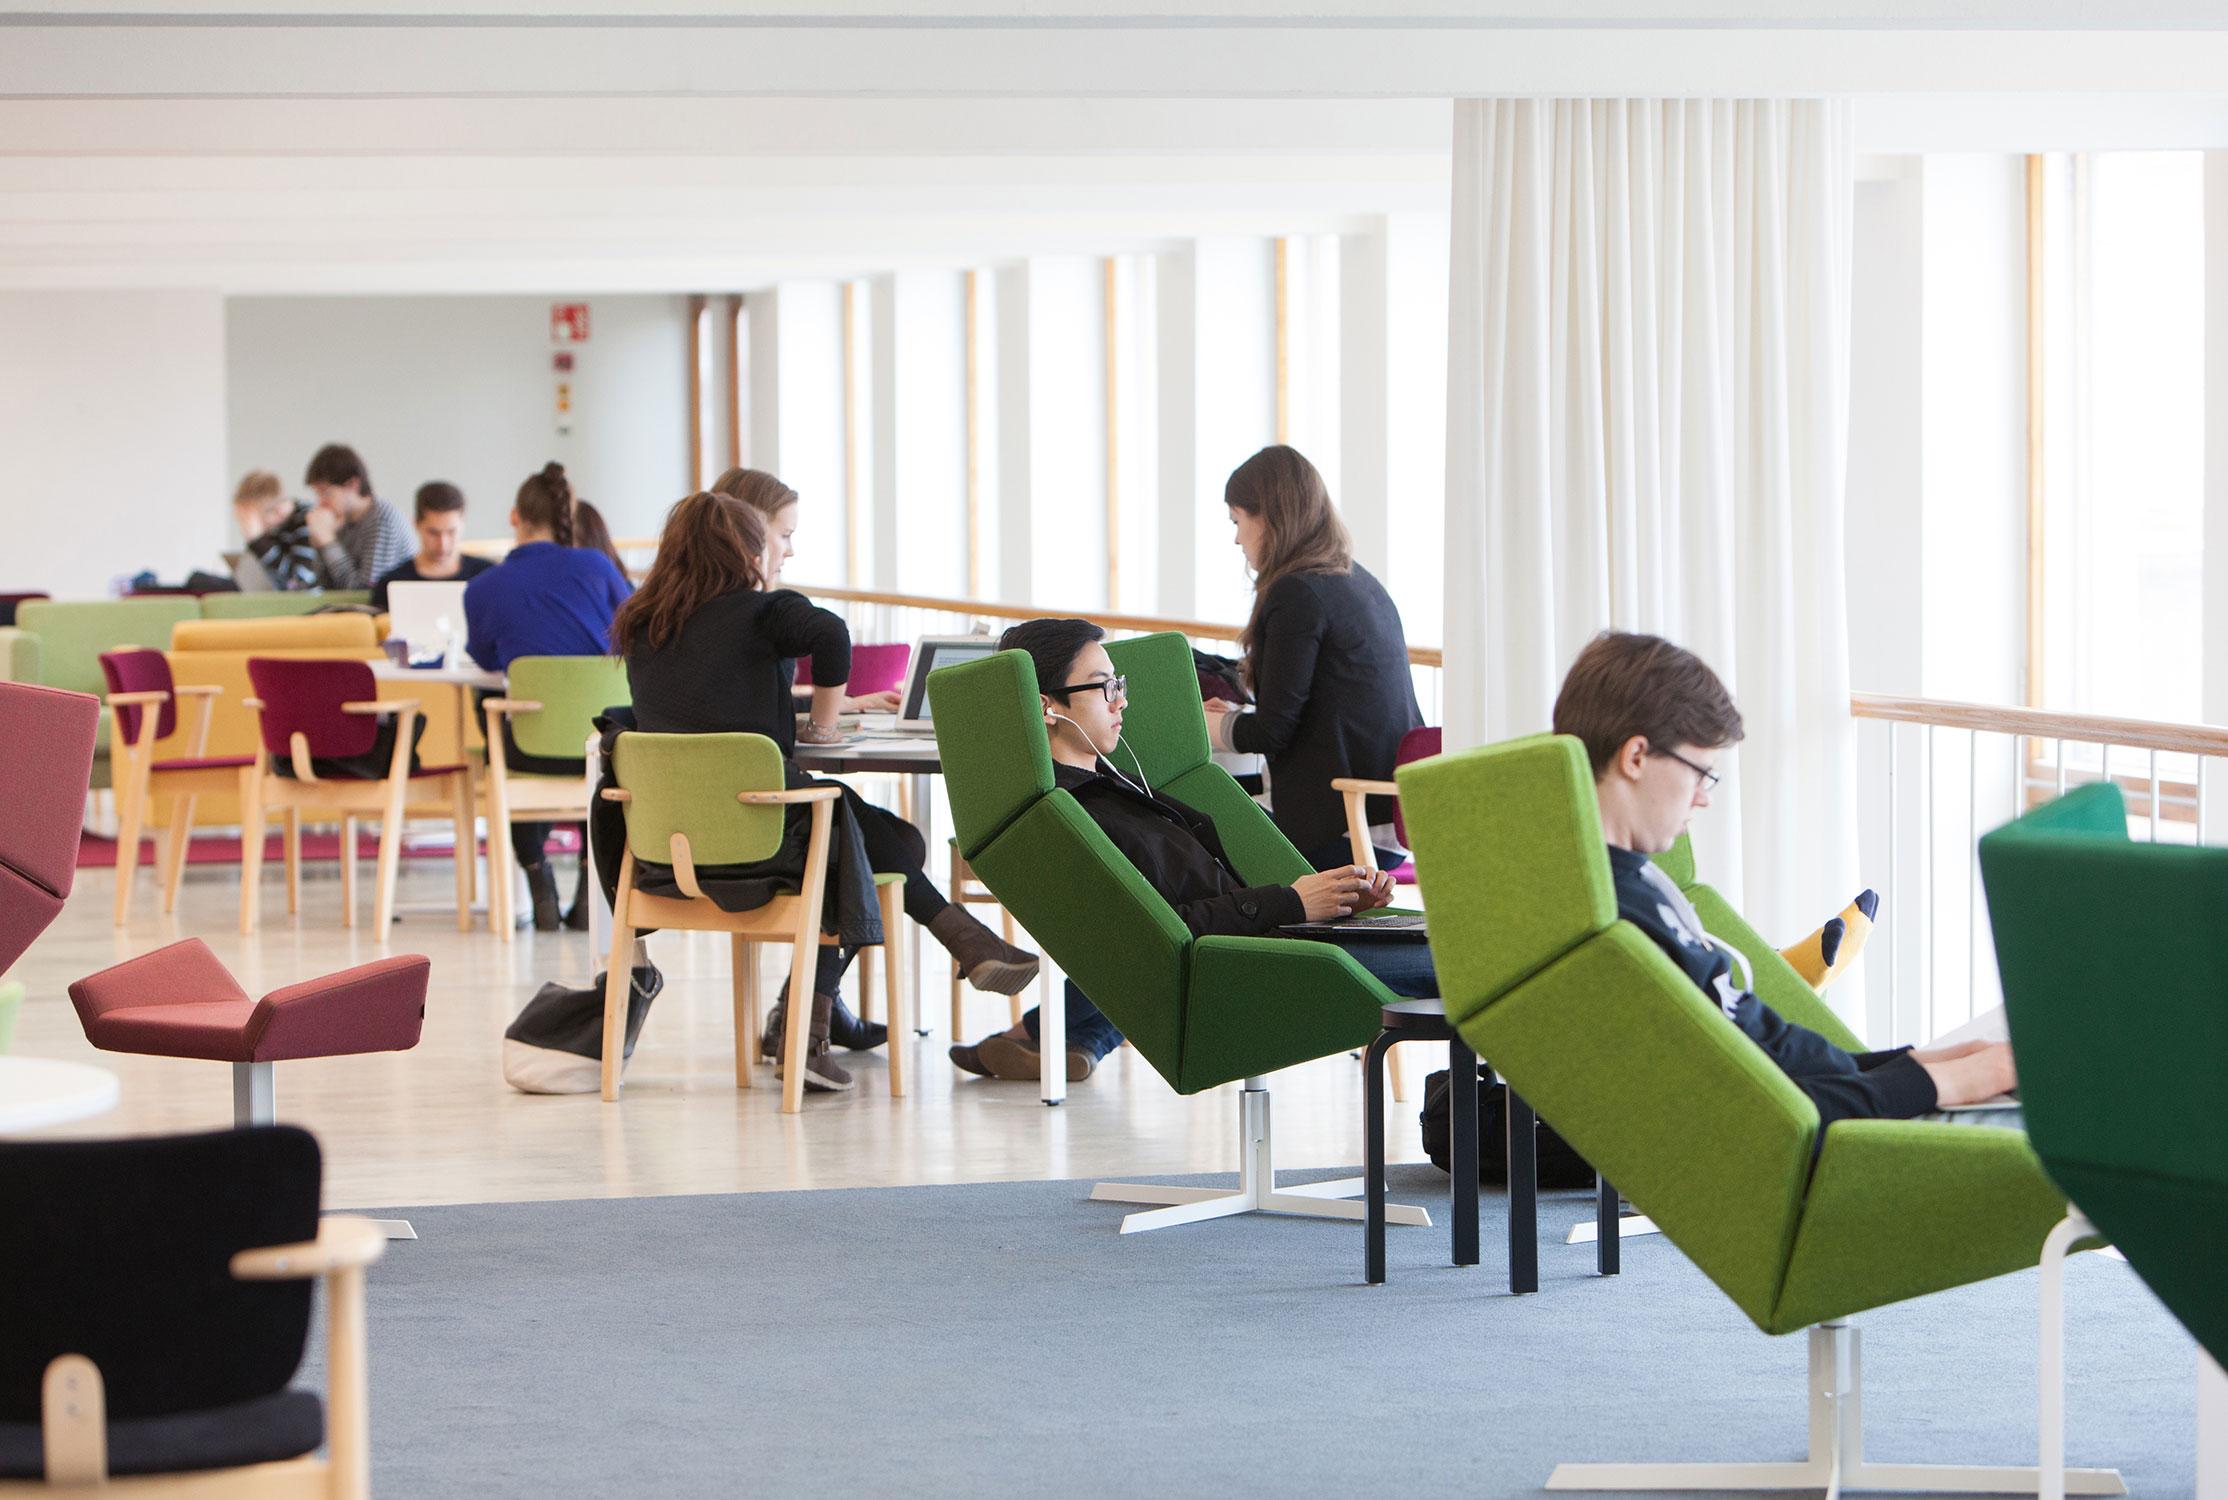 Αποτέλεσμα εικόνας για schools in finland